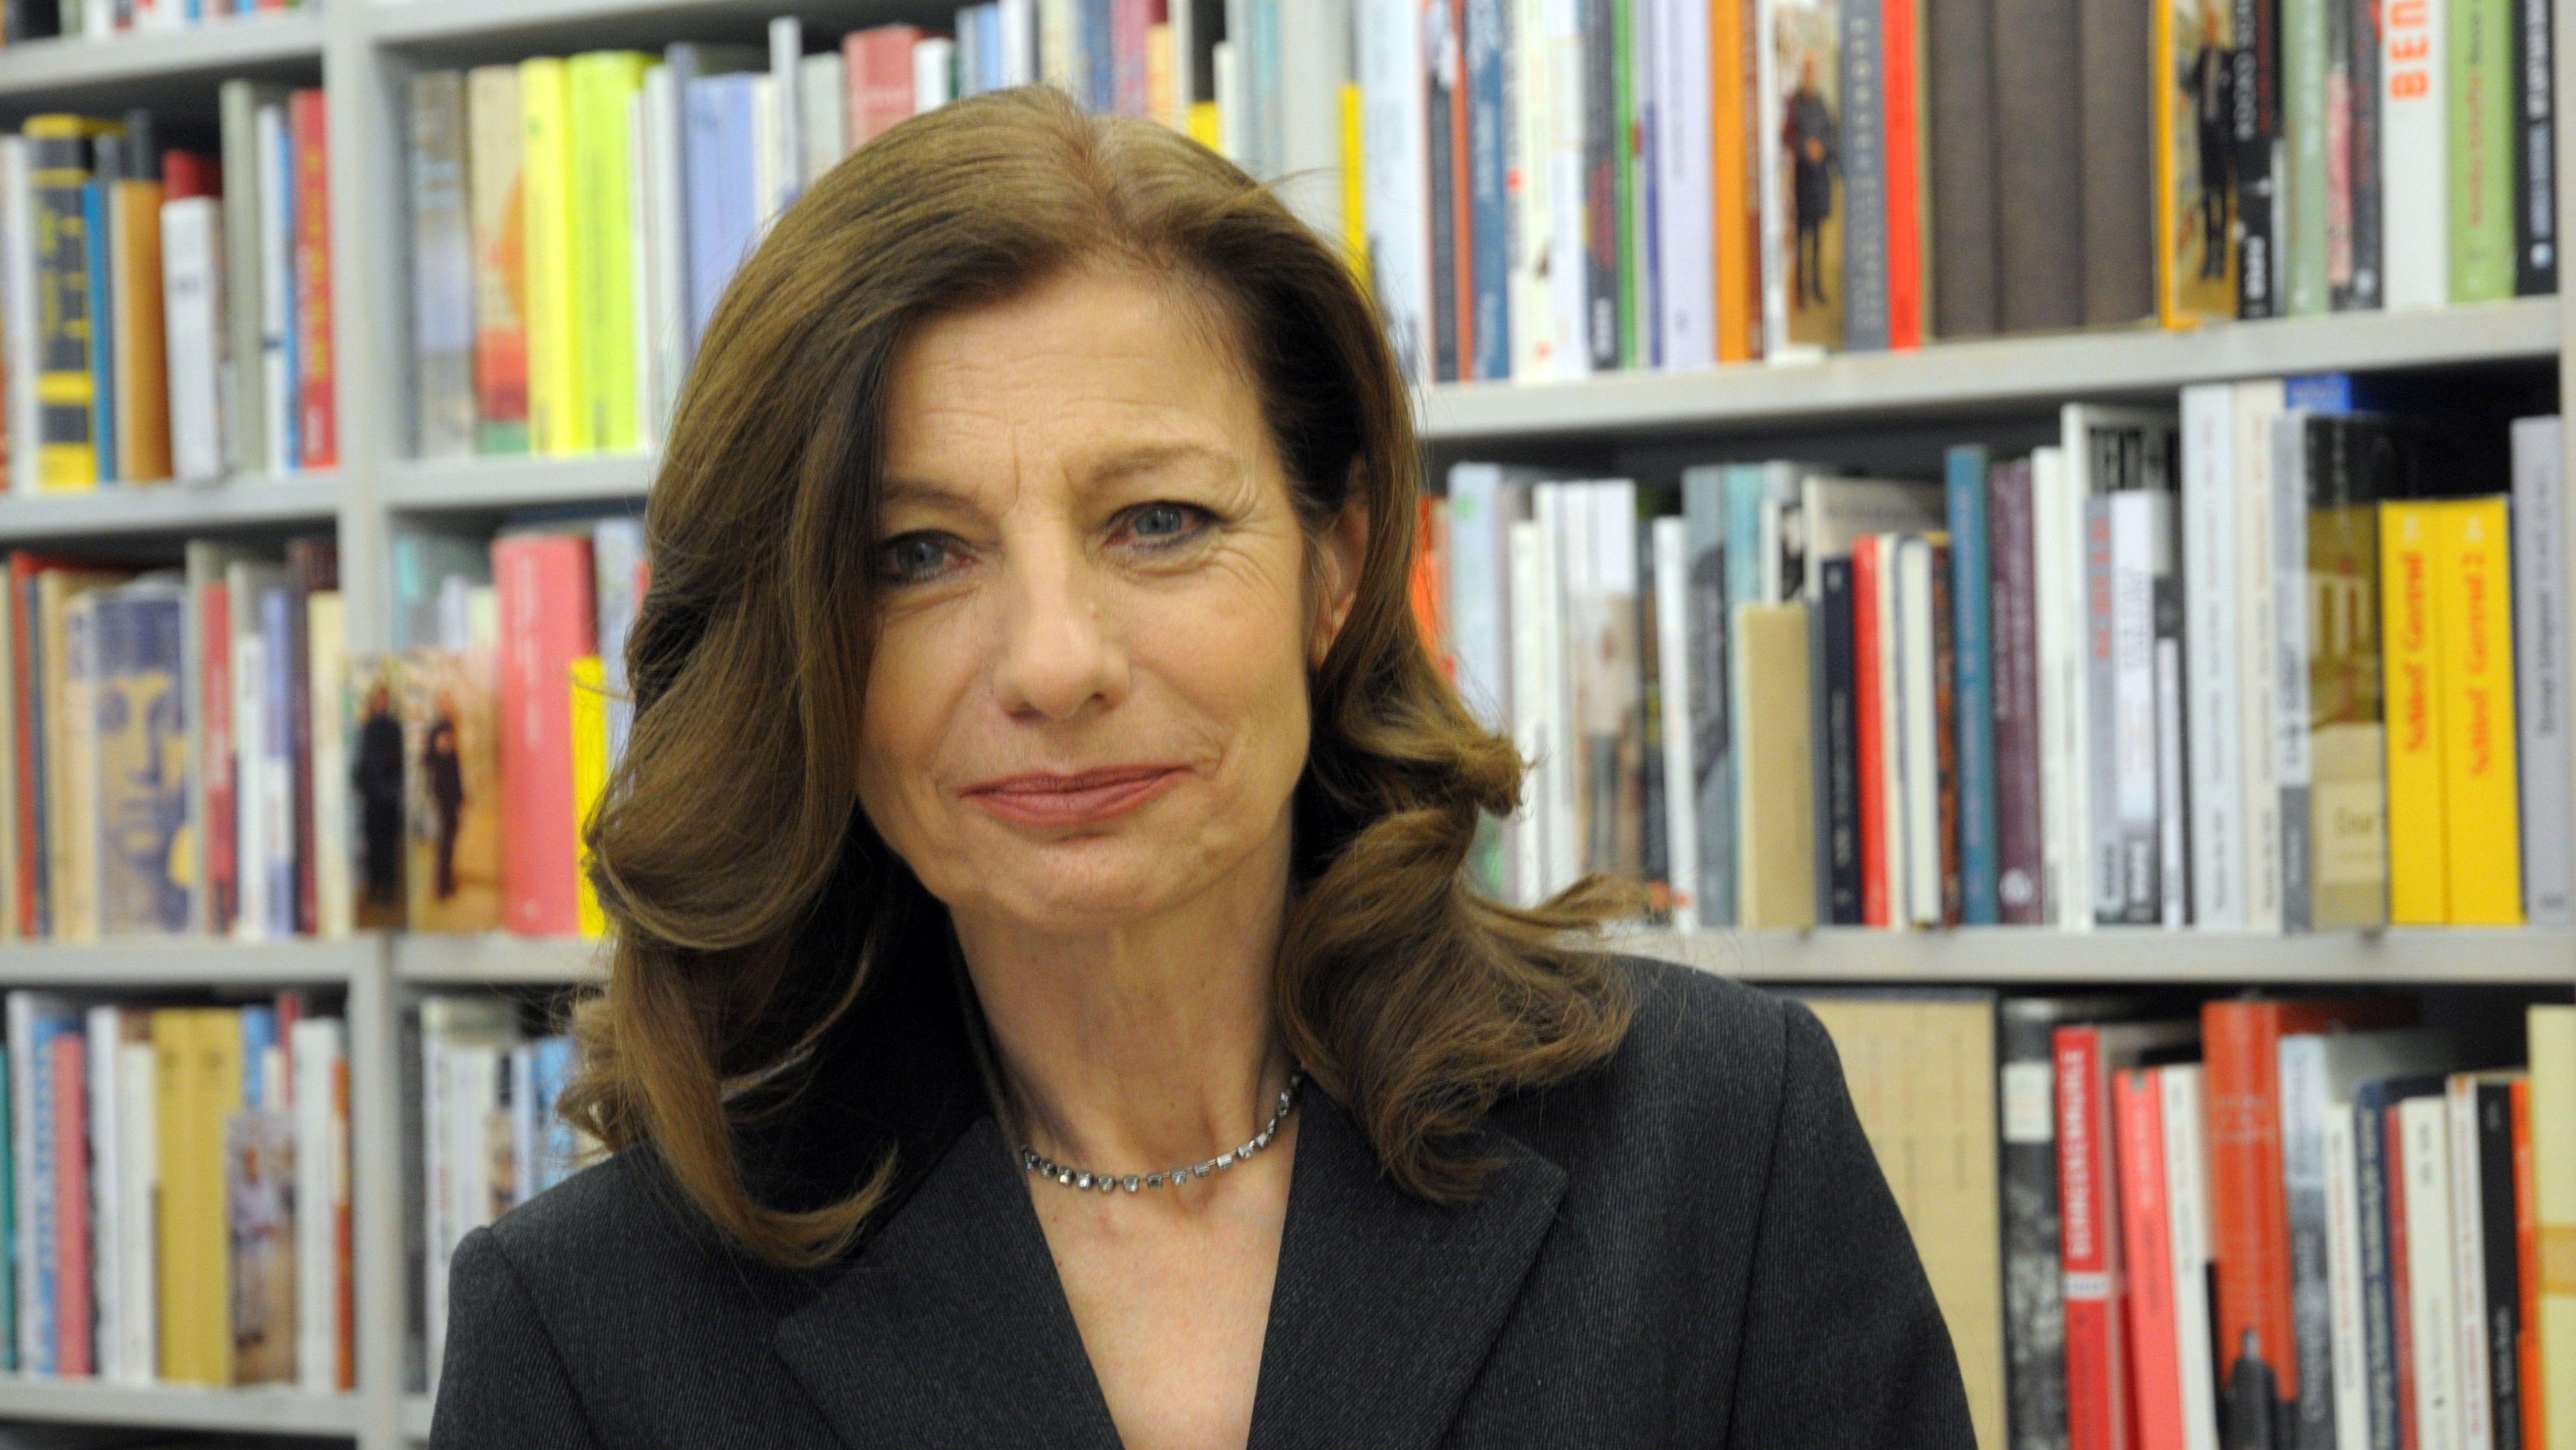 Die in Trier geborene und in Berlin lebende Schriftstellerin Ursula Krechel. Für ihr literarisches Werk erhält sie heute am Abend in München den Jean-Paul-Preis.